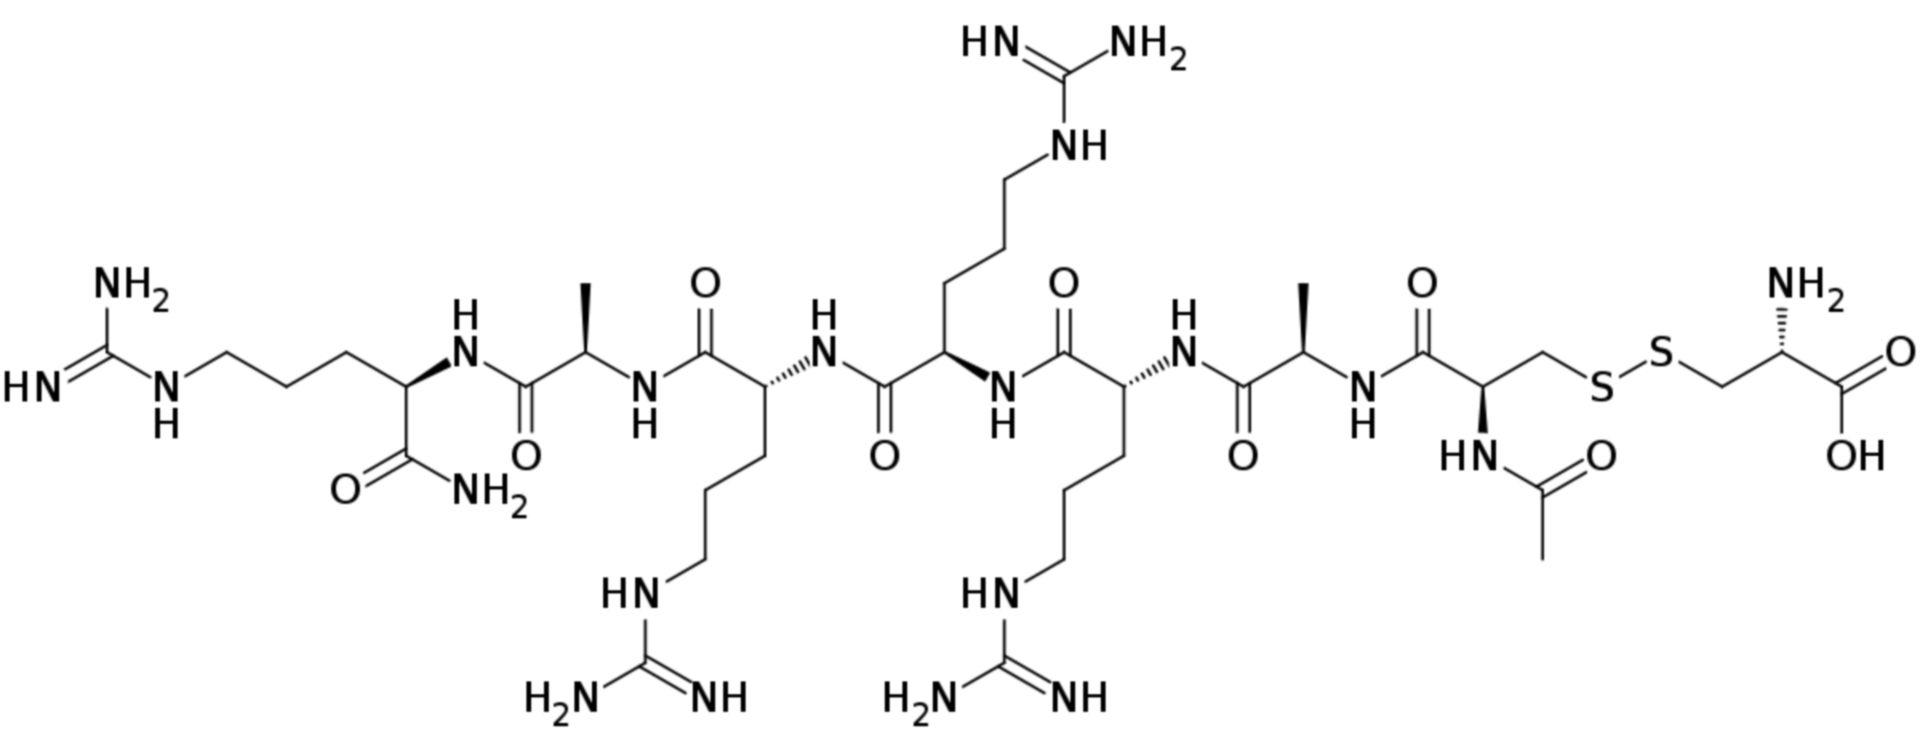 Etelcalcetide